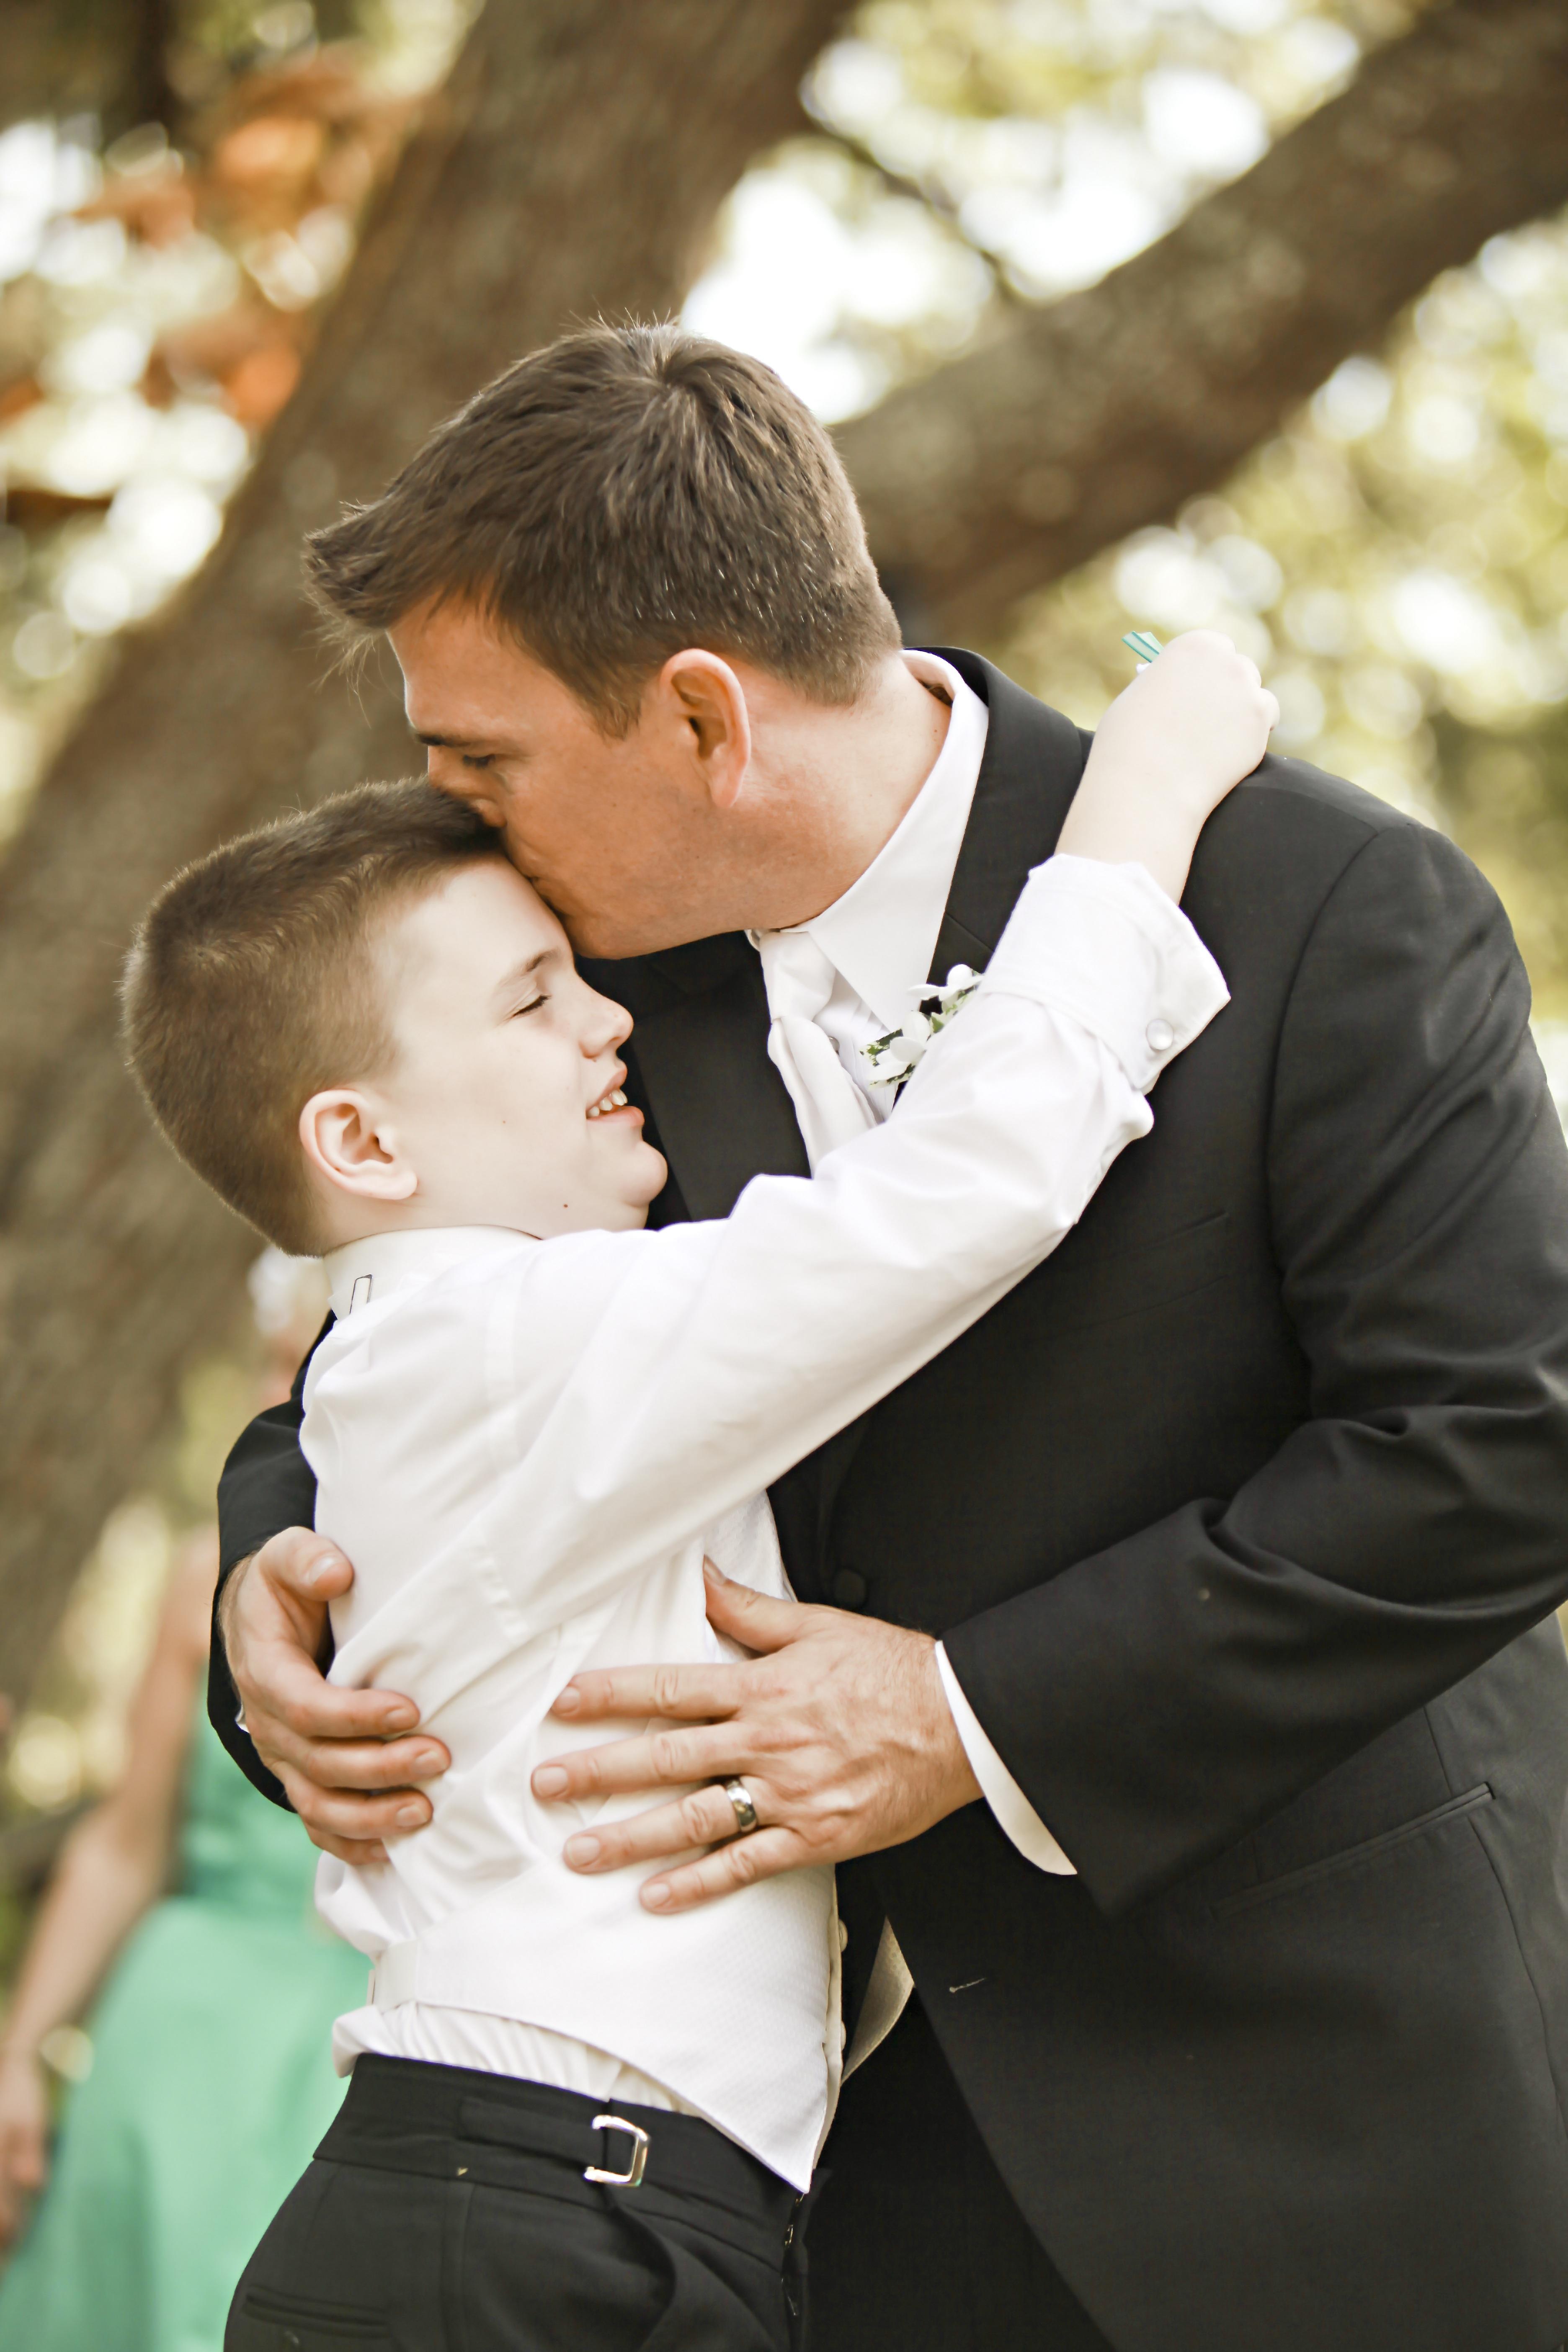 Kostenlose foto : Mann, Person, Anzug, Junge, männlich, Liebe, Vater ...